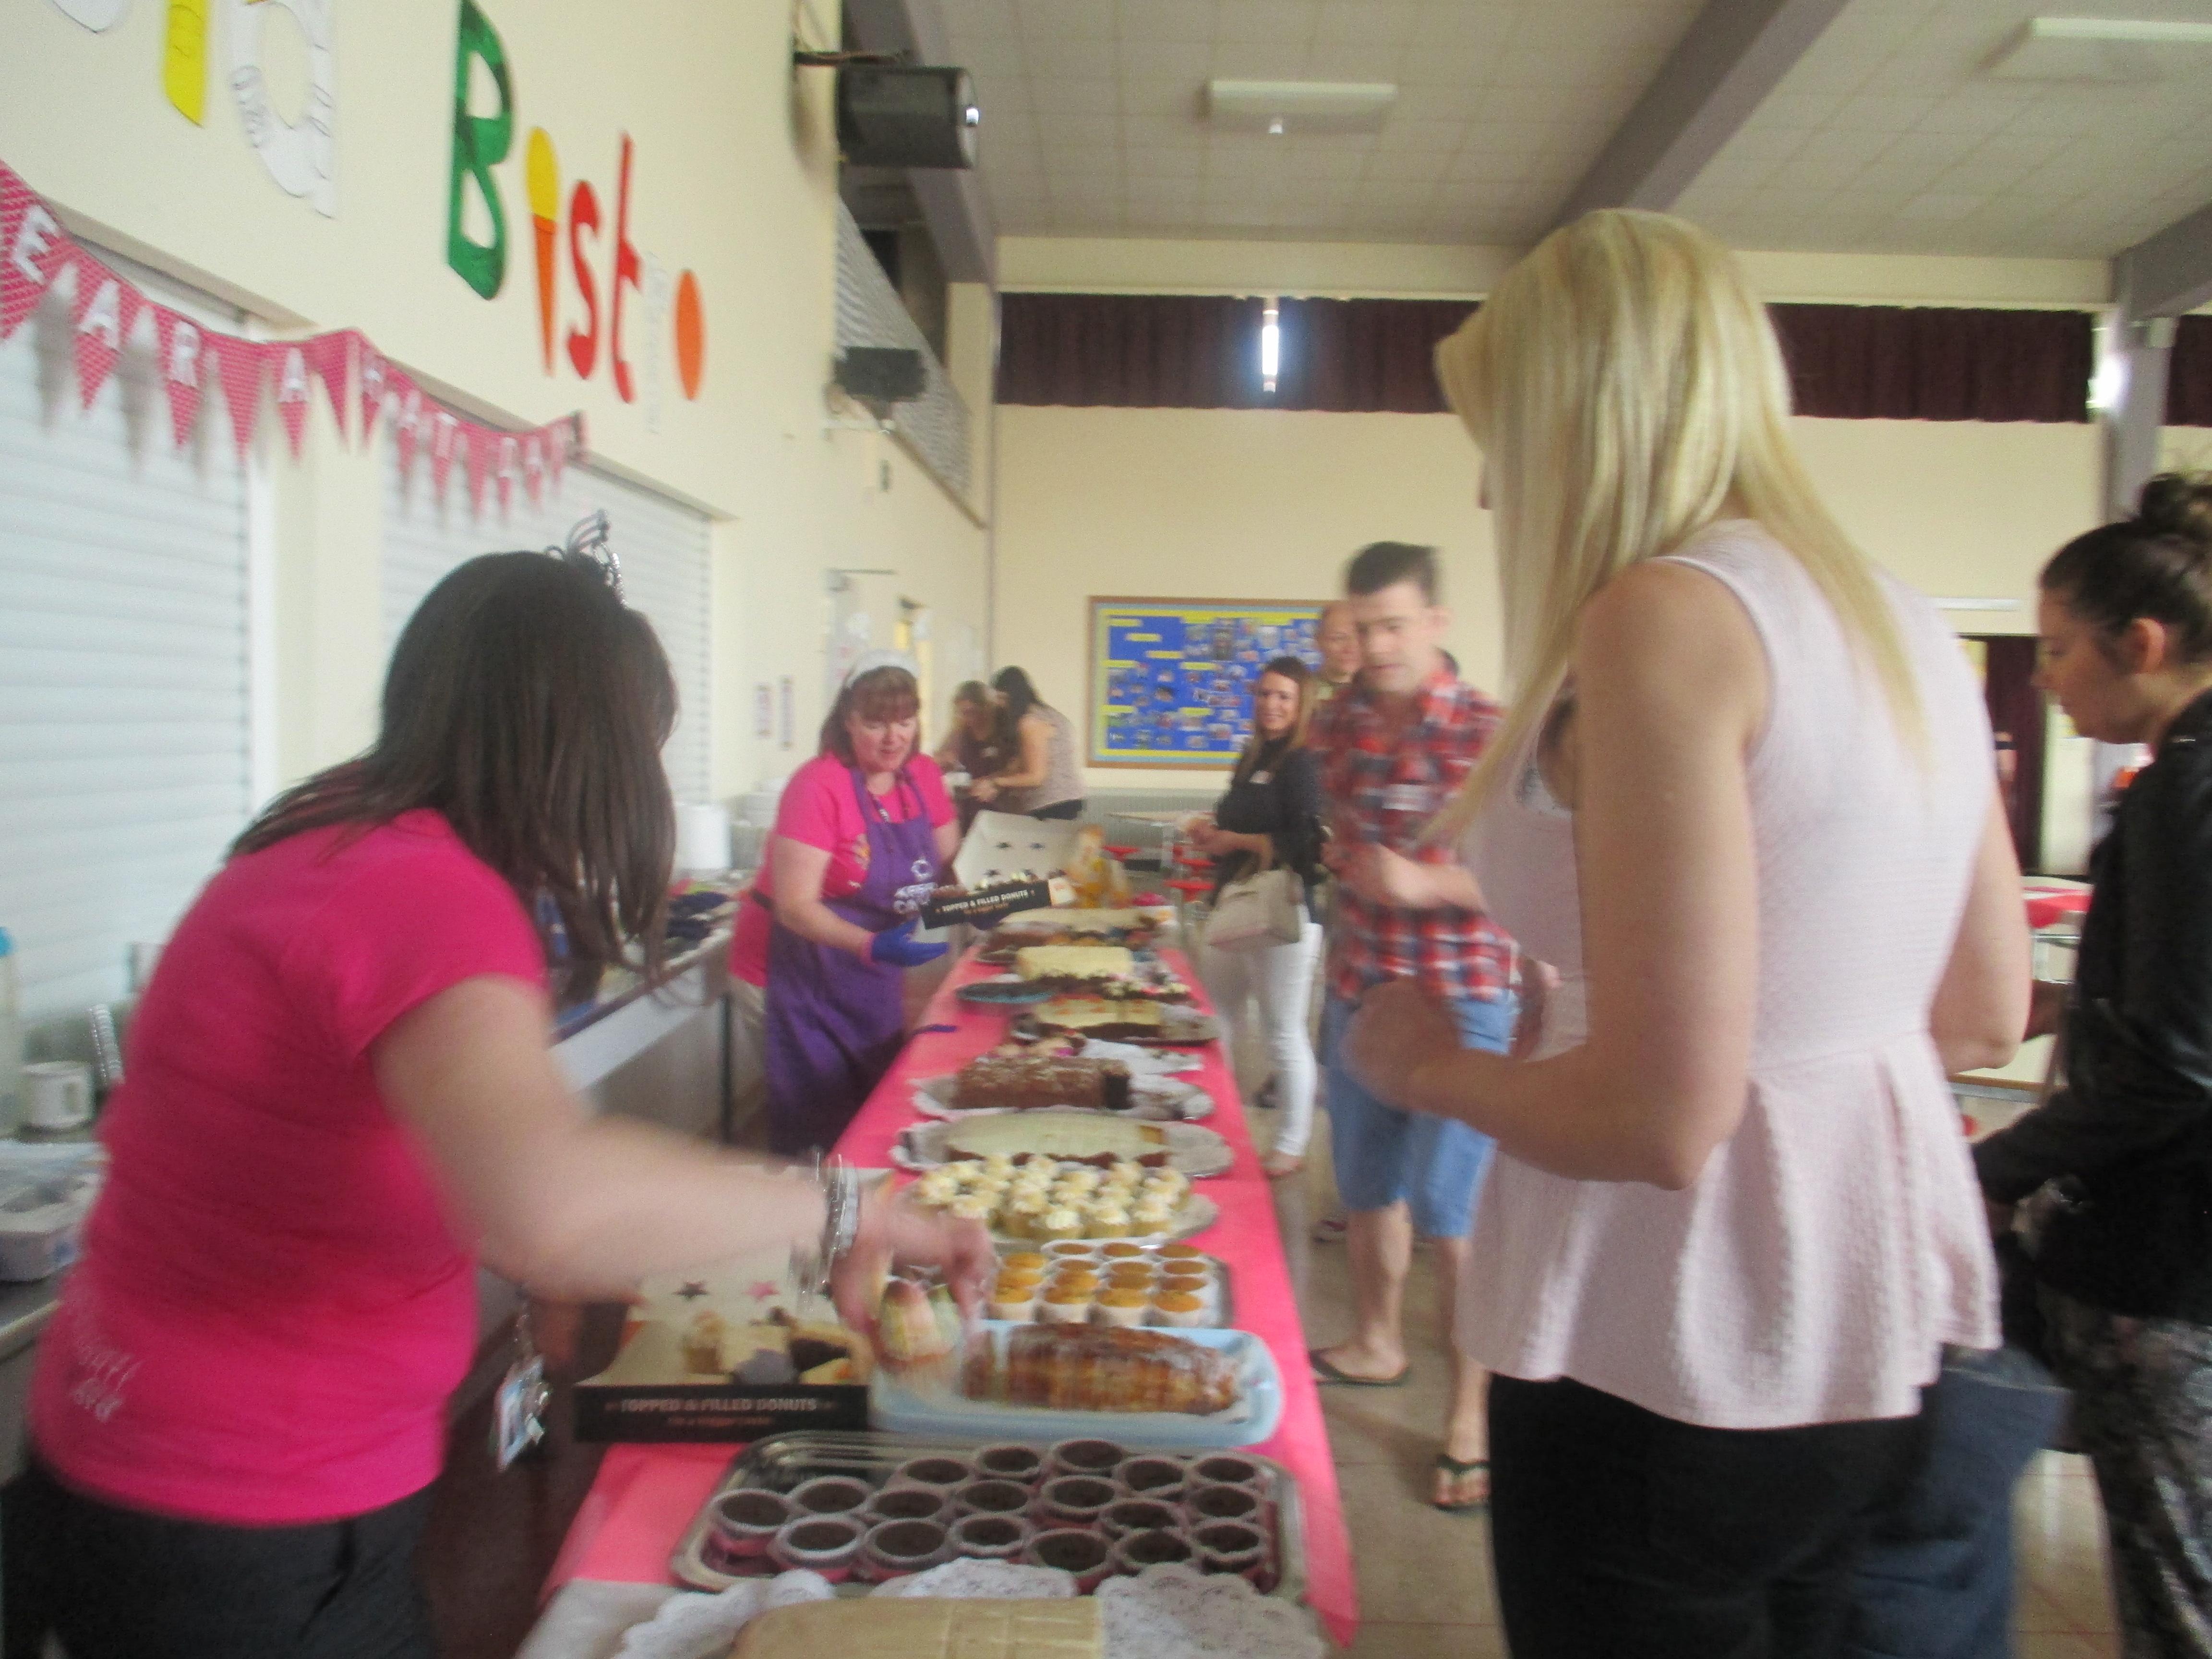 Bielefeld School bake sale